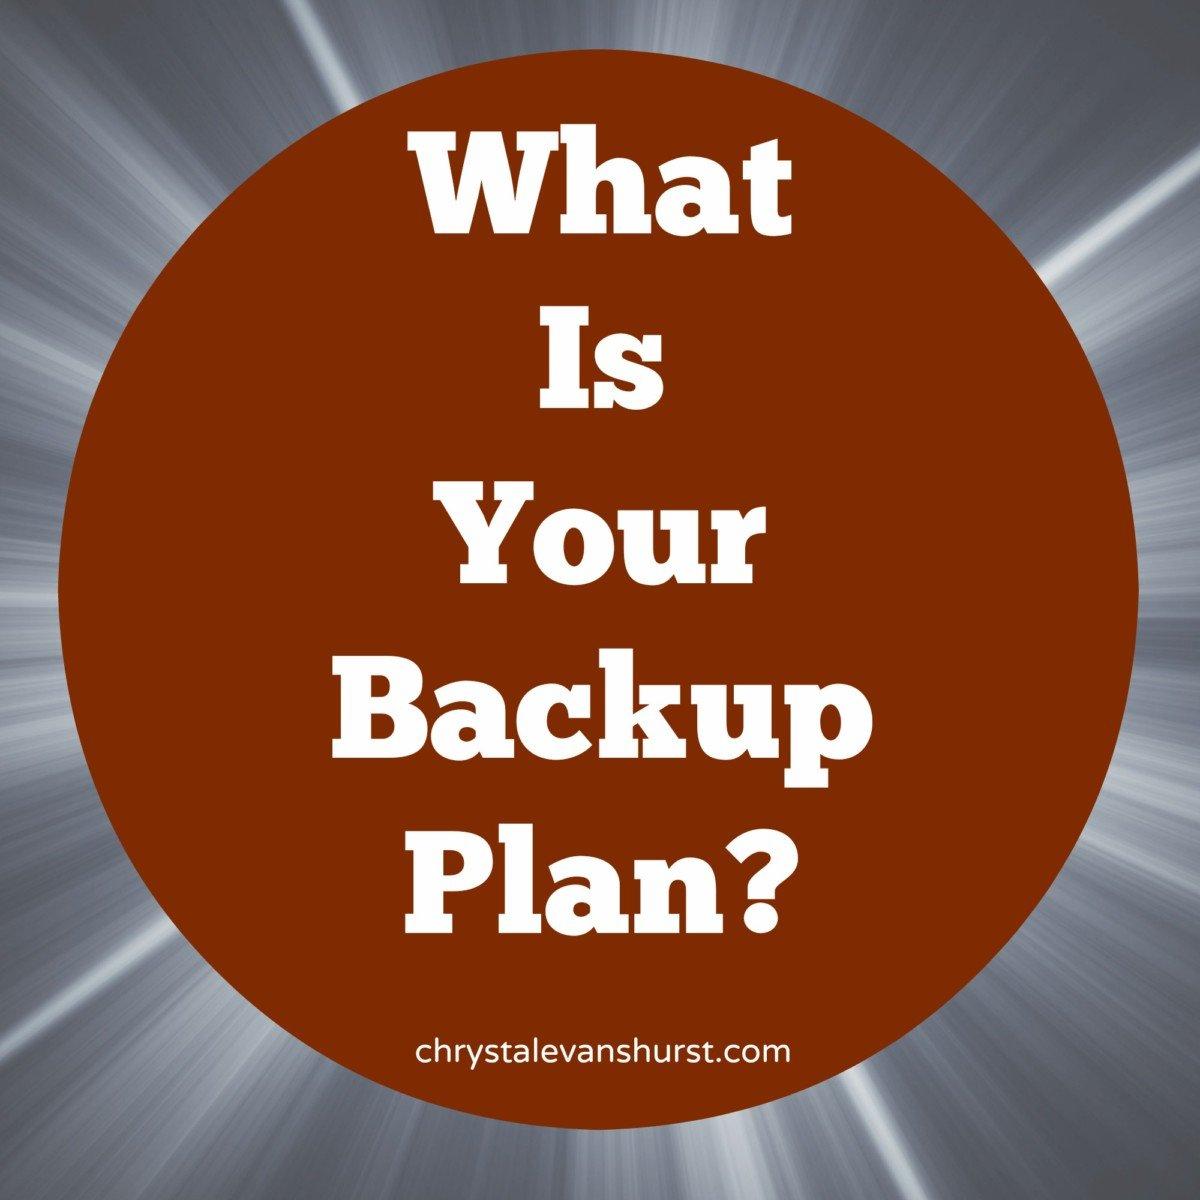 Backup Plan